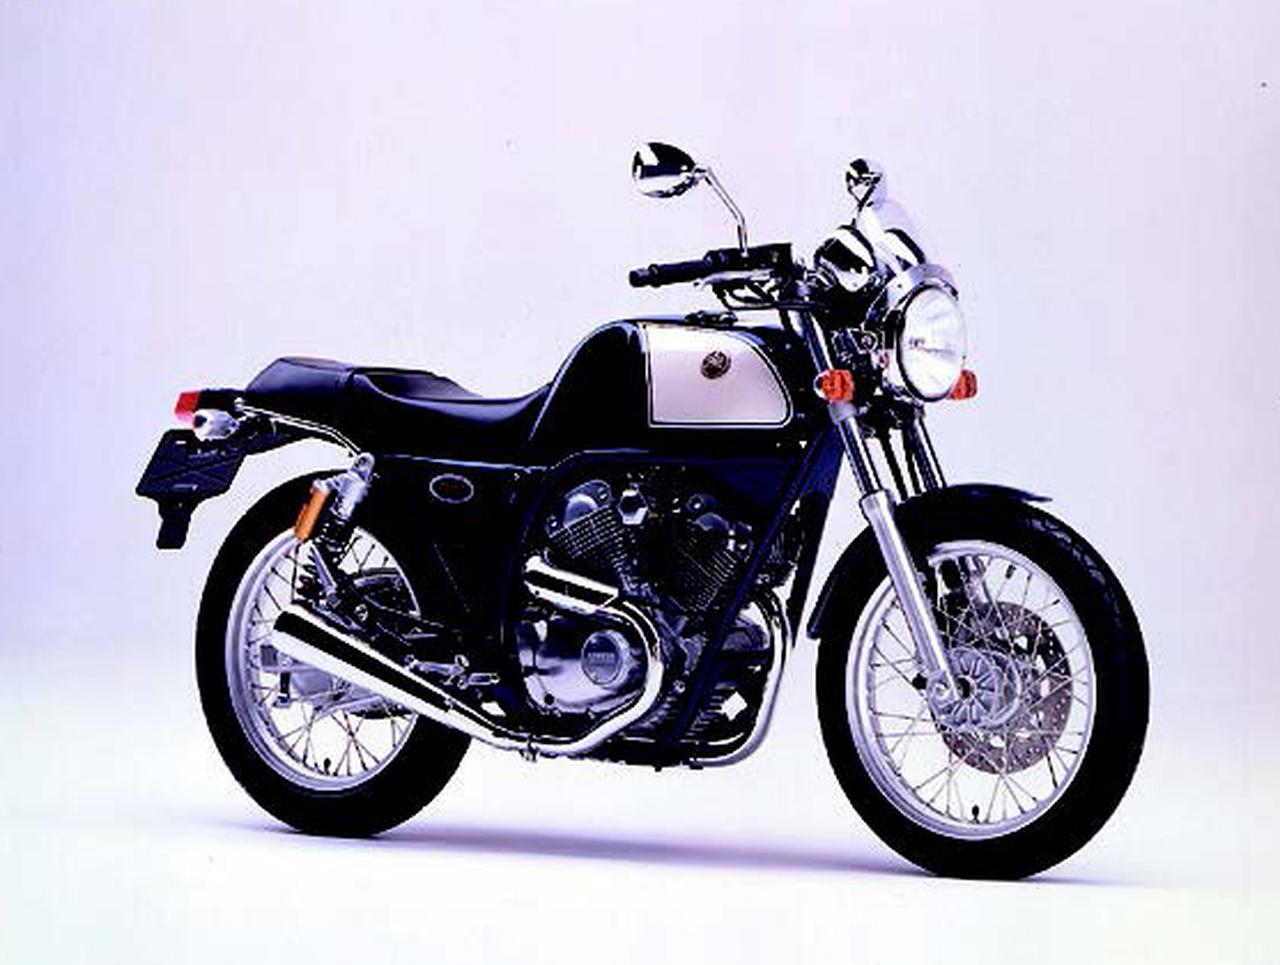 Images : ヤマハ SRV250/S 1993 年 5月